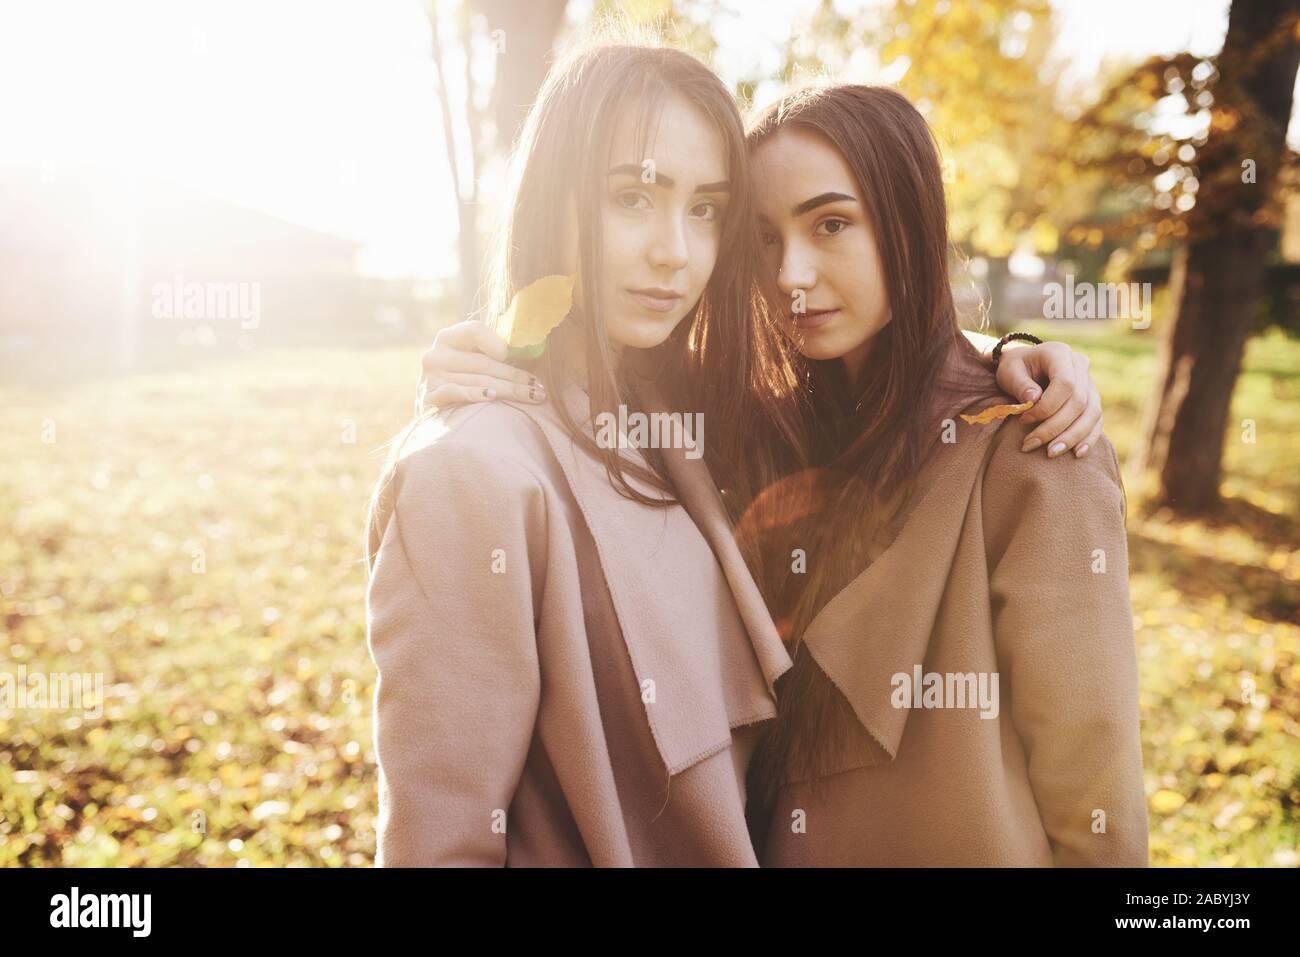 Jeune brunette twin girls standing très proche s'est tourné vers l'autre, se tenant la main avec des feuilles sur leurs épaules, portant manteau décontracté, touchant chefs Banque D'Images